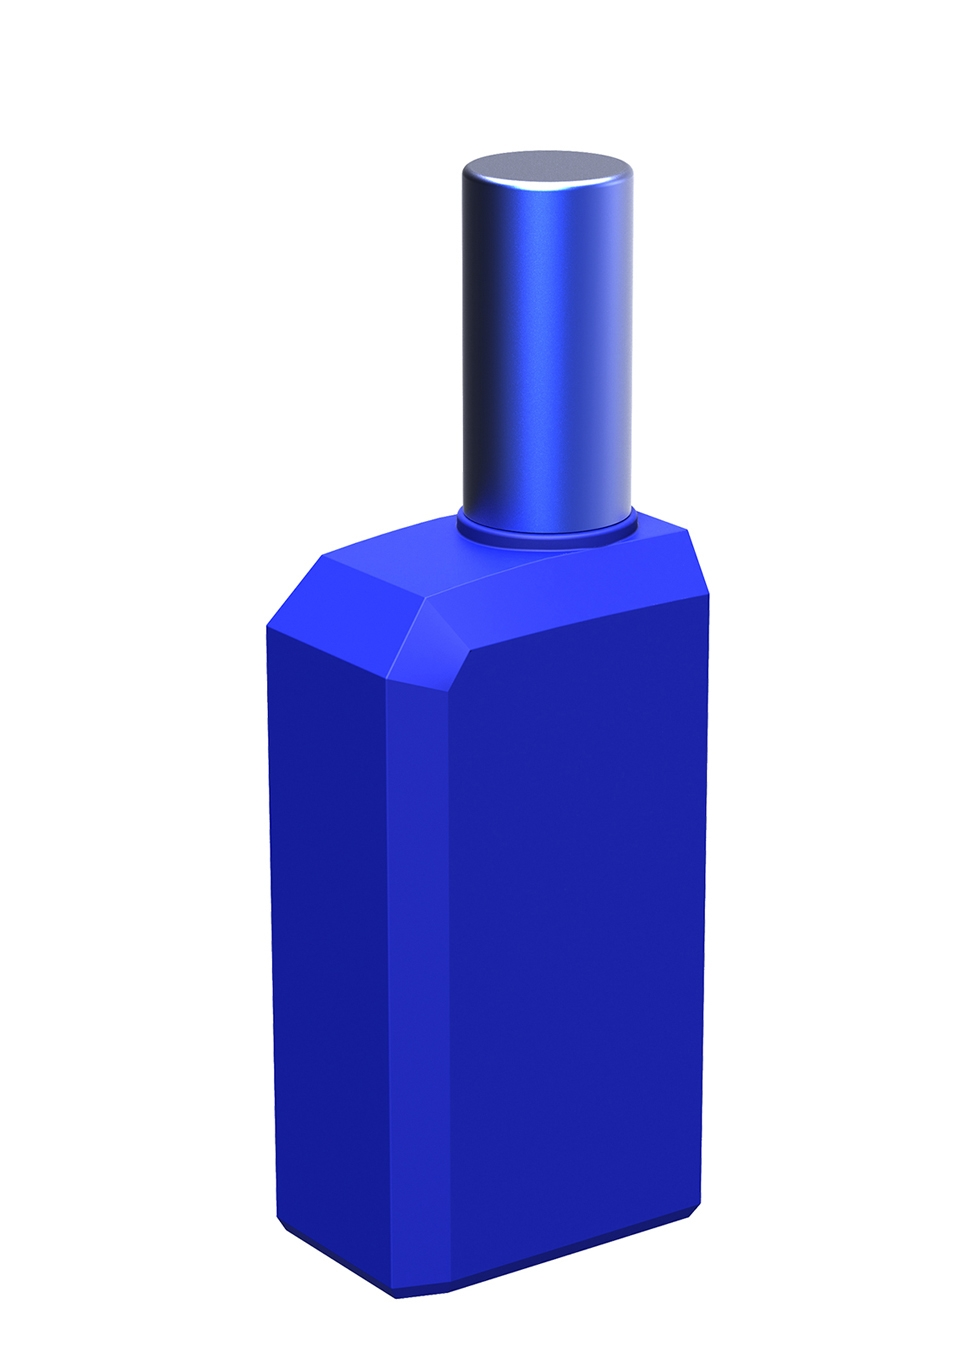 This Is Not A Blue Bottle 1.1 60ml - Histoires de Parfums